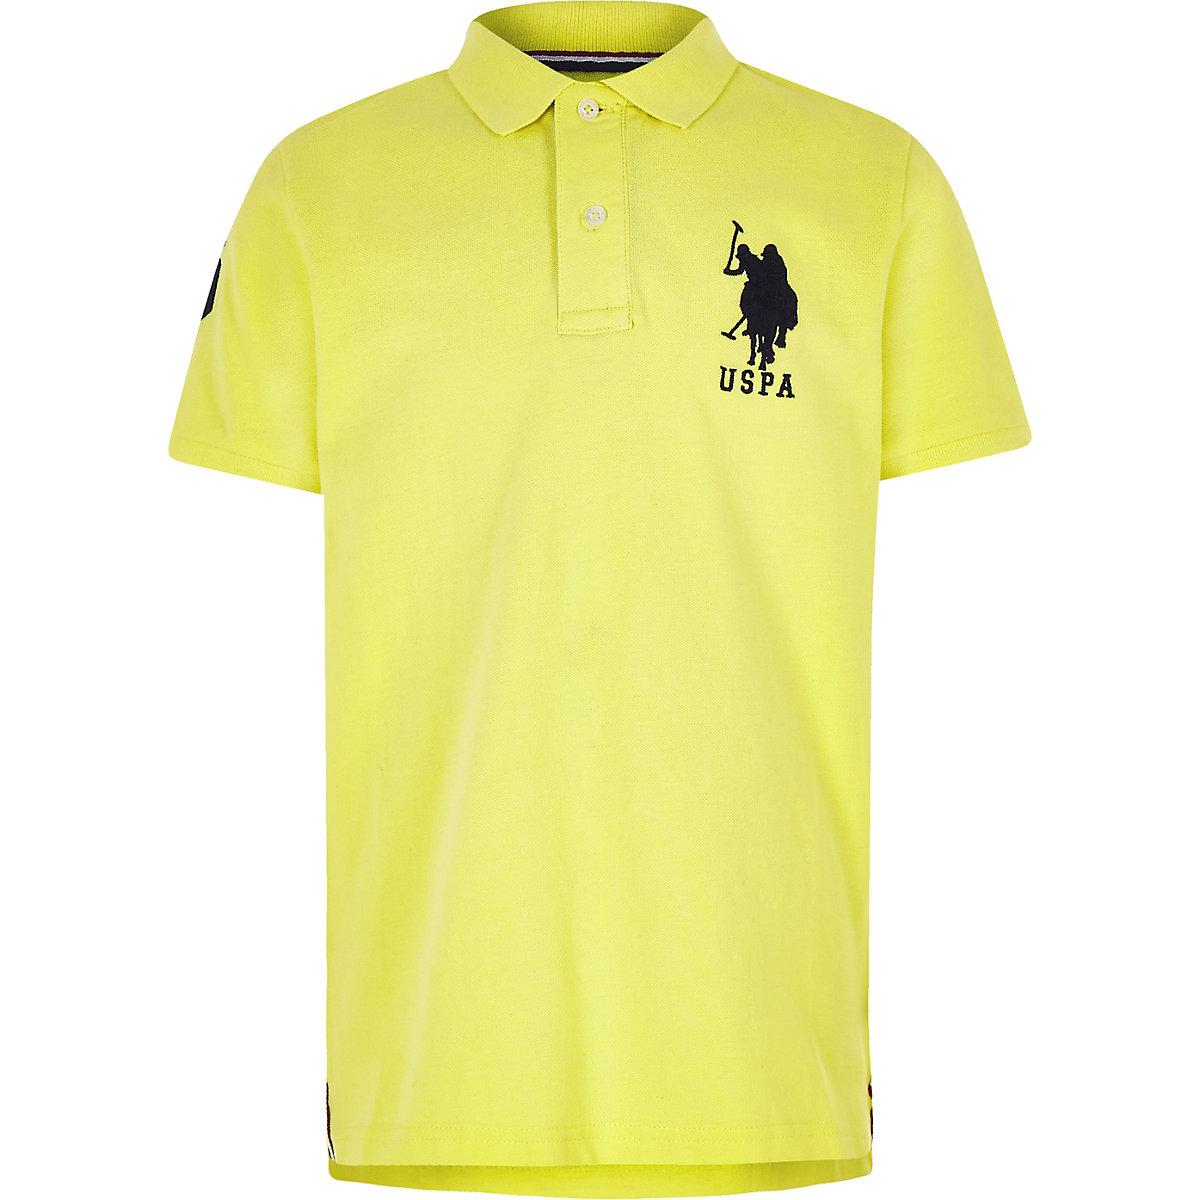 Boys yellow U.S. Polo Assn. polo shirt